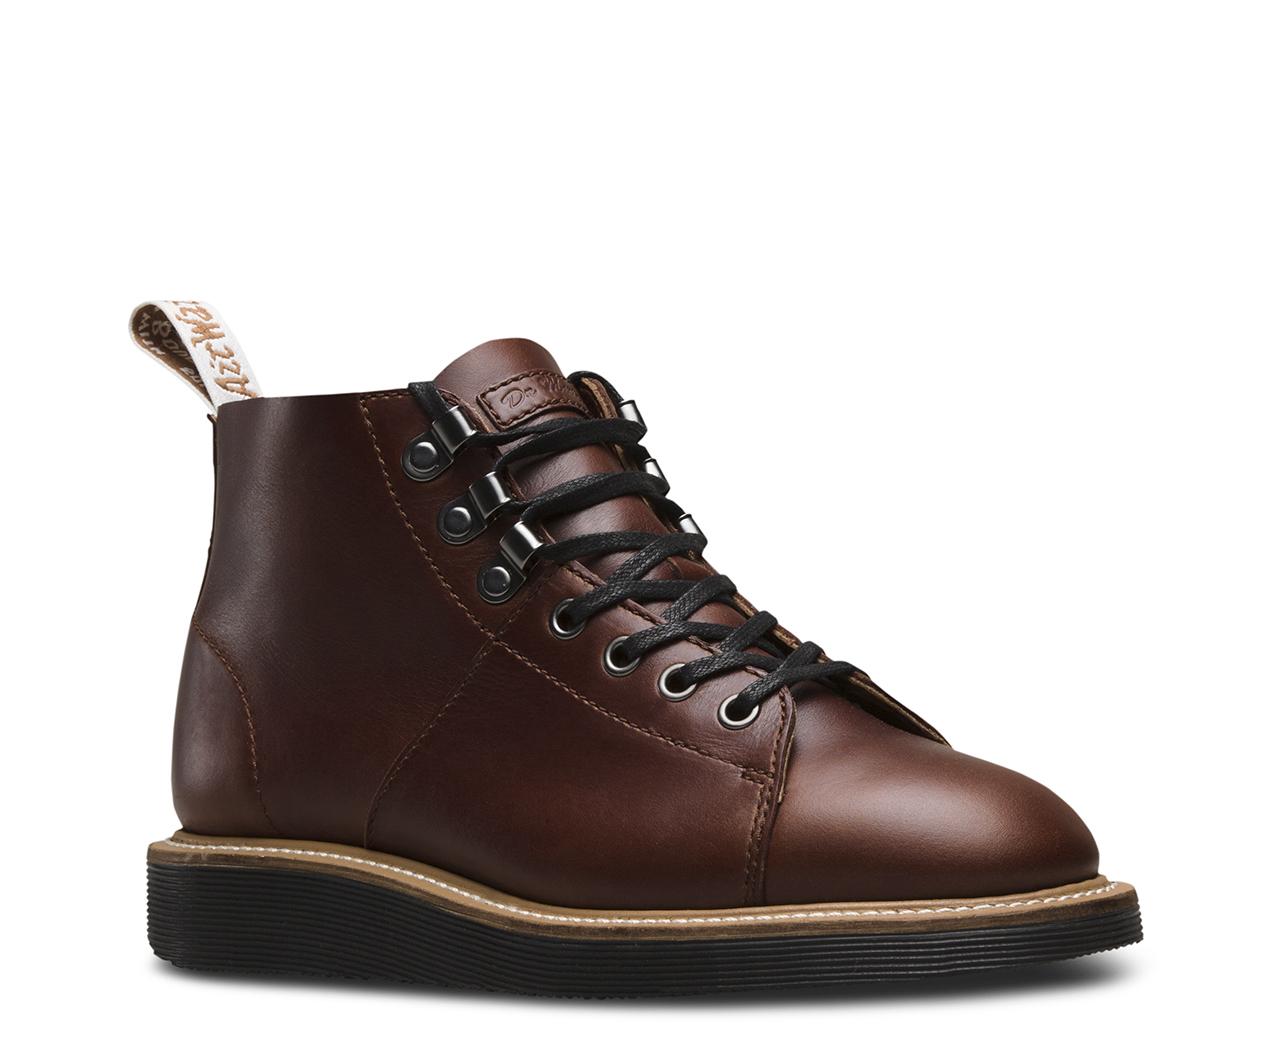 Mens Doc Marten Boots | Womens Doc Martens | Doc Marten Boots Mens